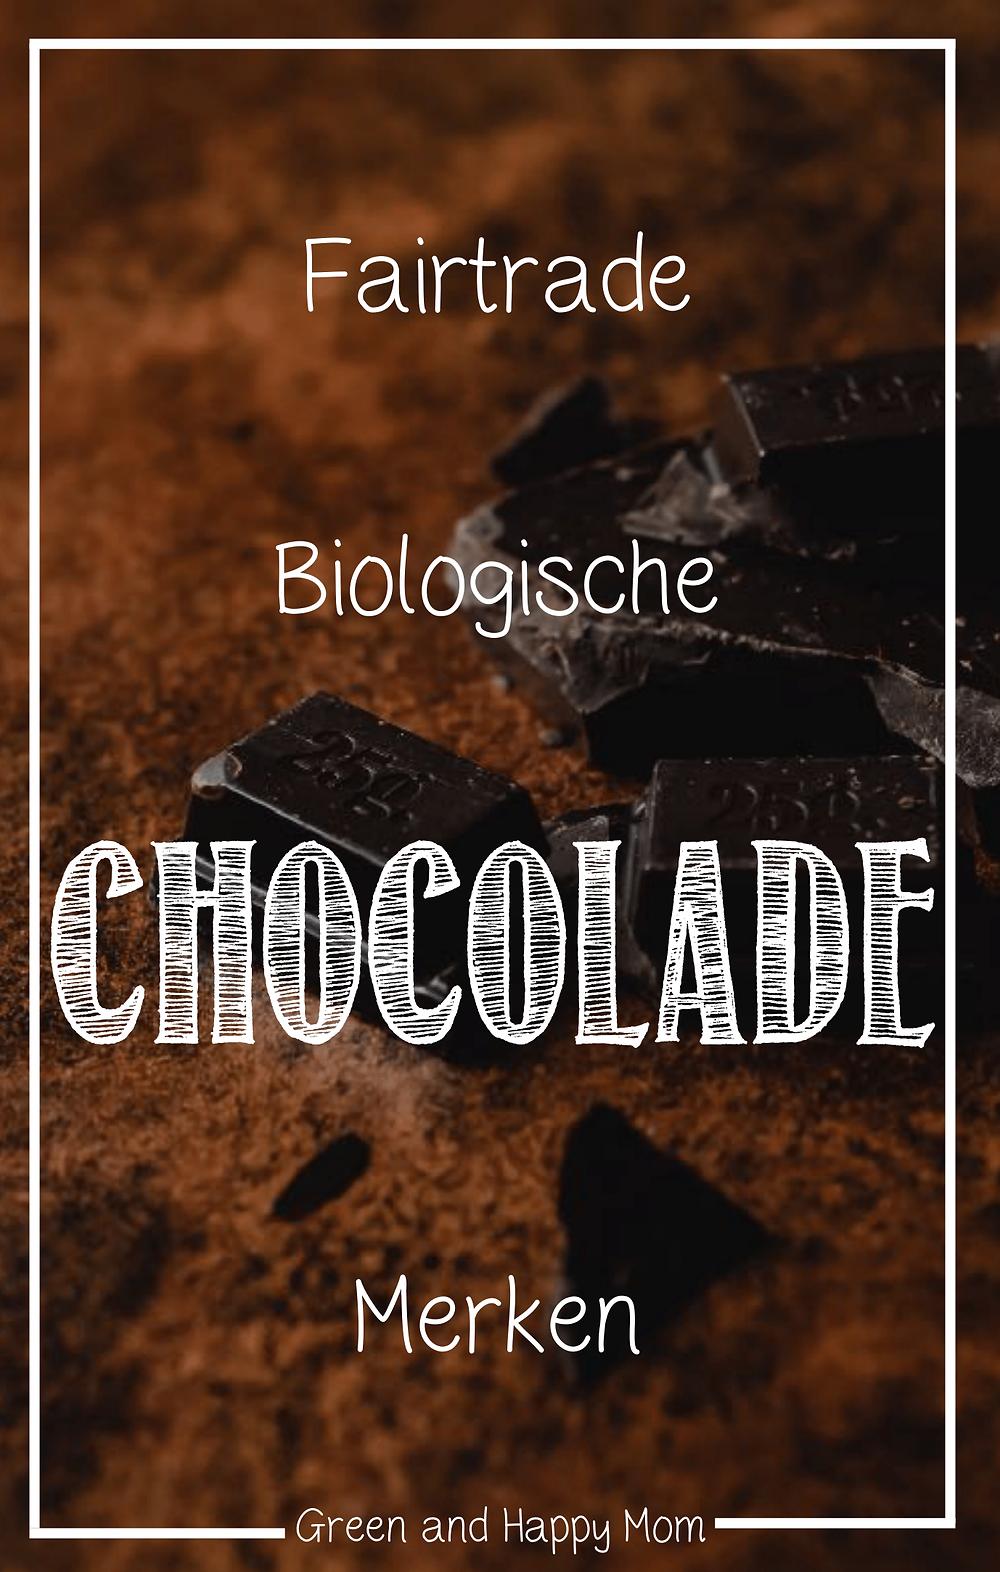 fairtrade biologische chocolade merken